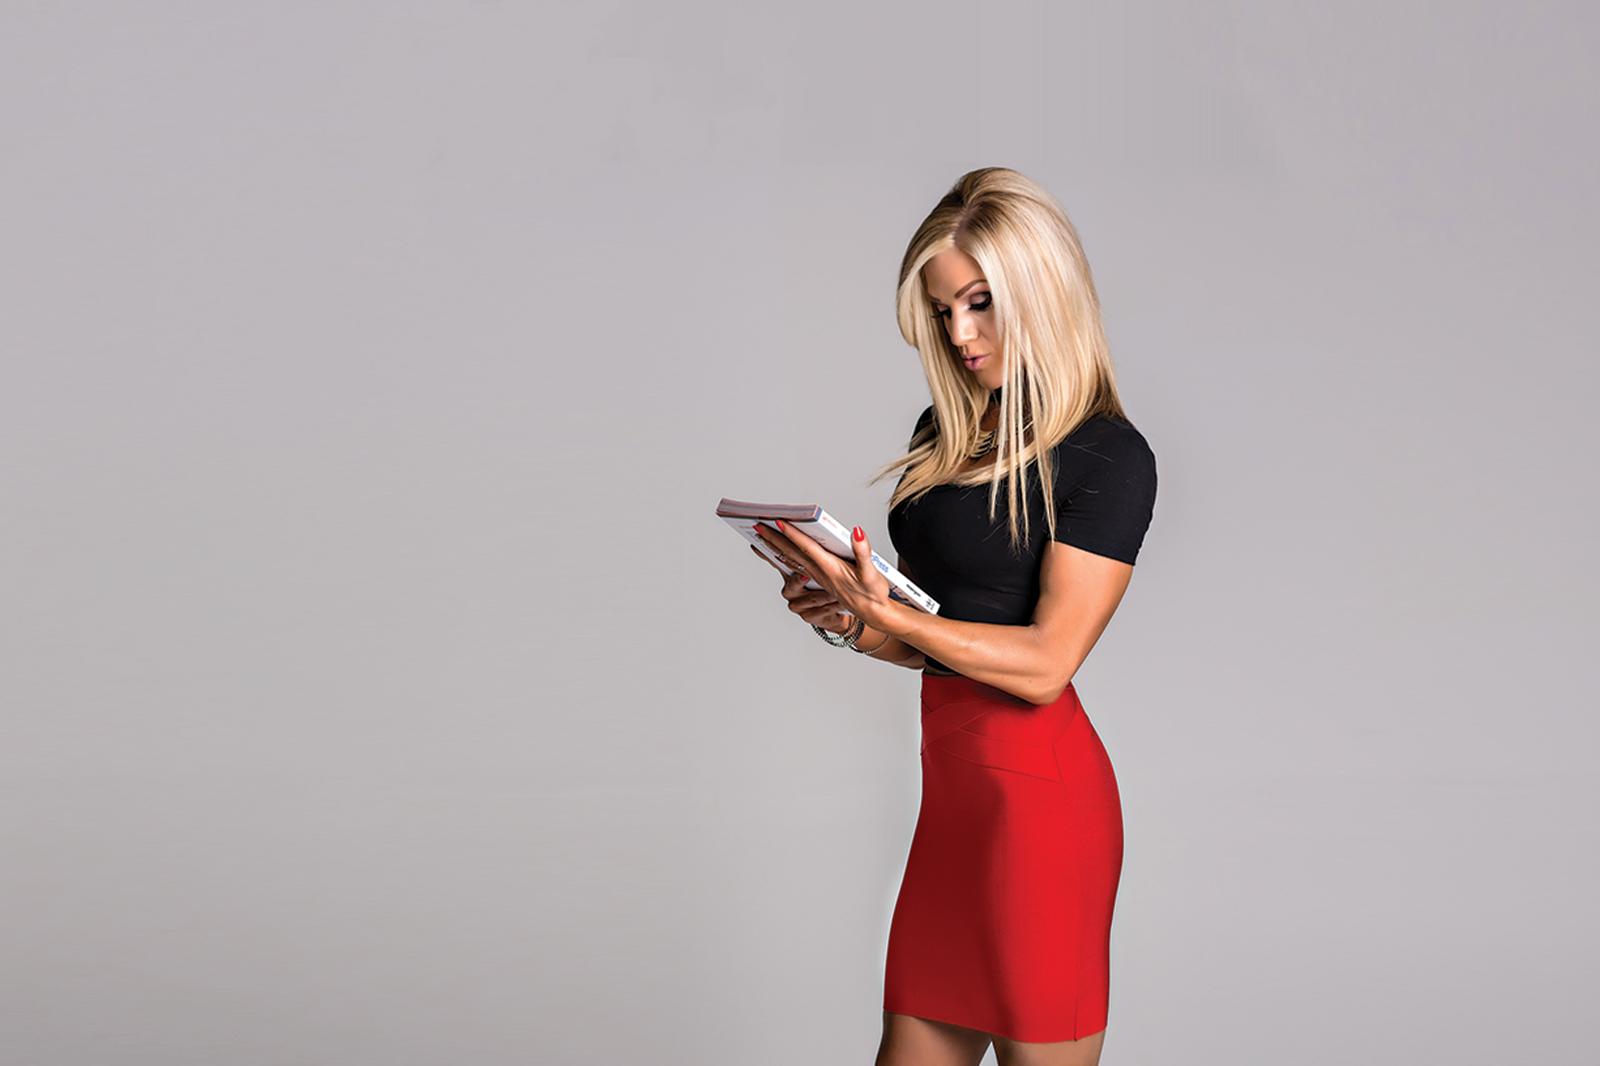 red-skirt-banner211